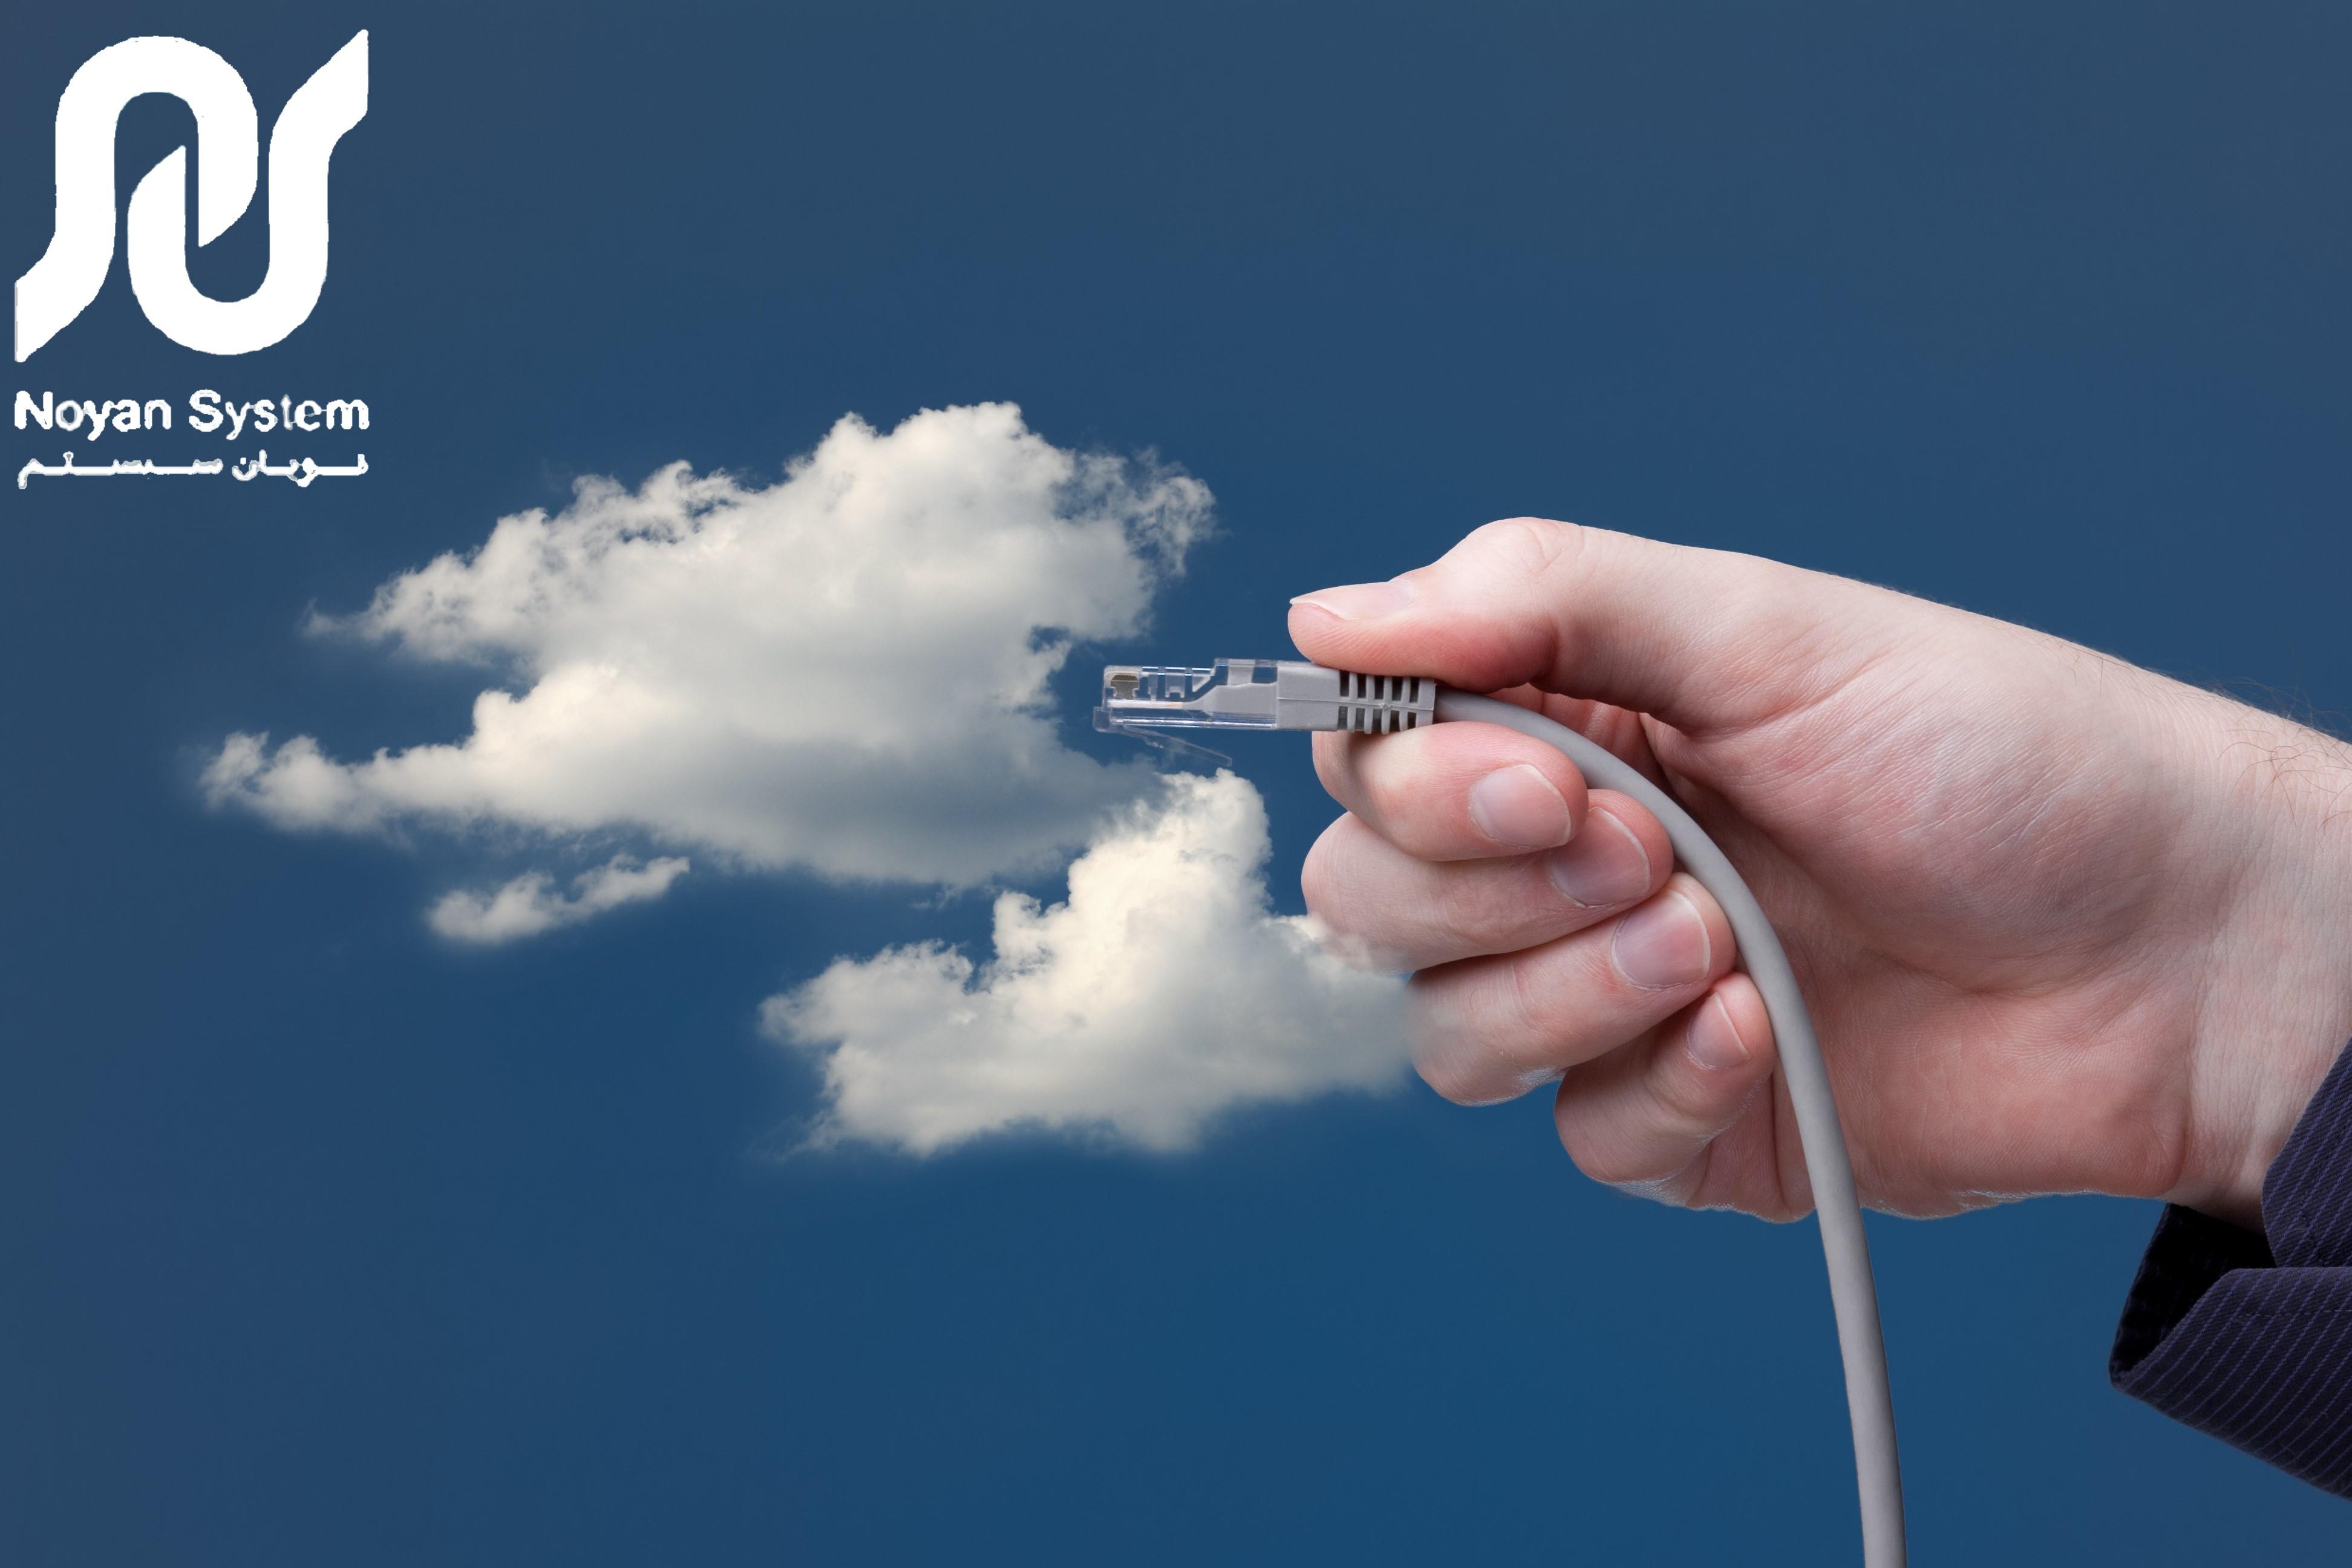 رایانش ابری و نقش آن در صنعت بیمه